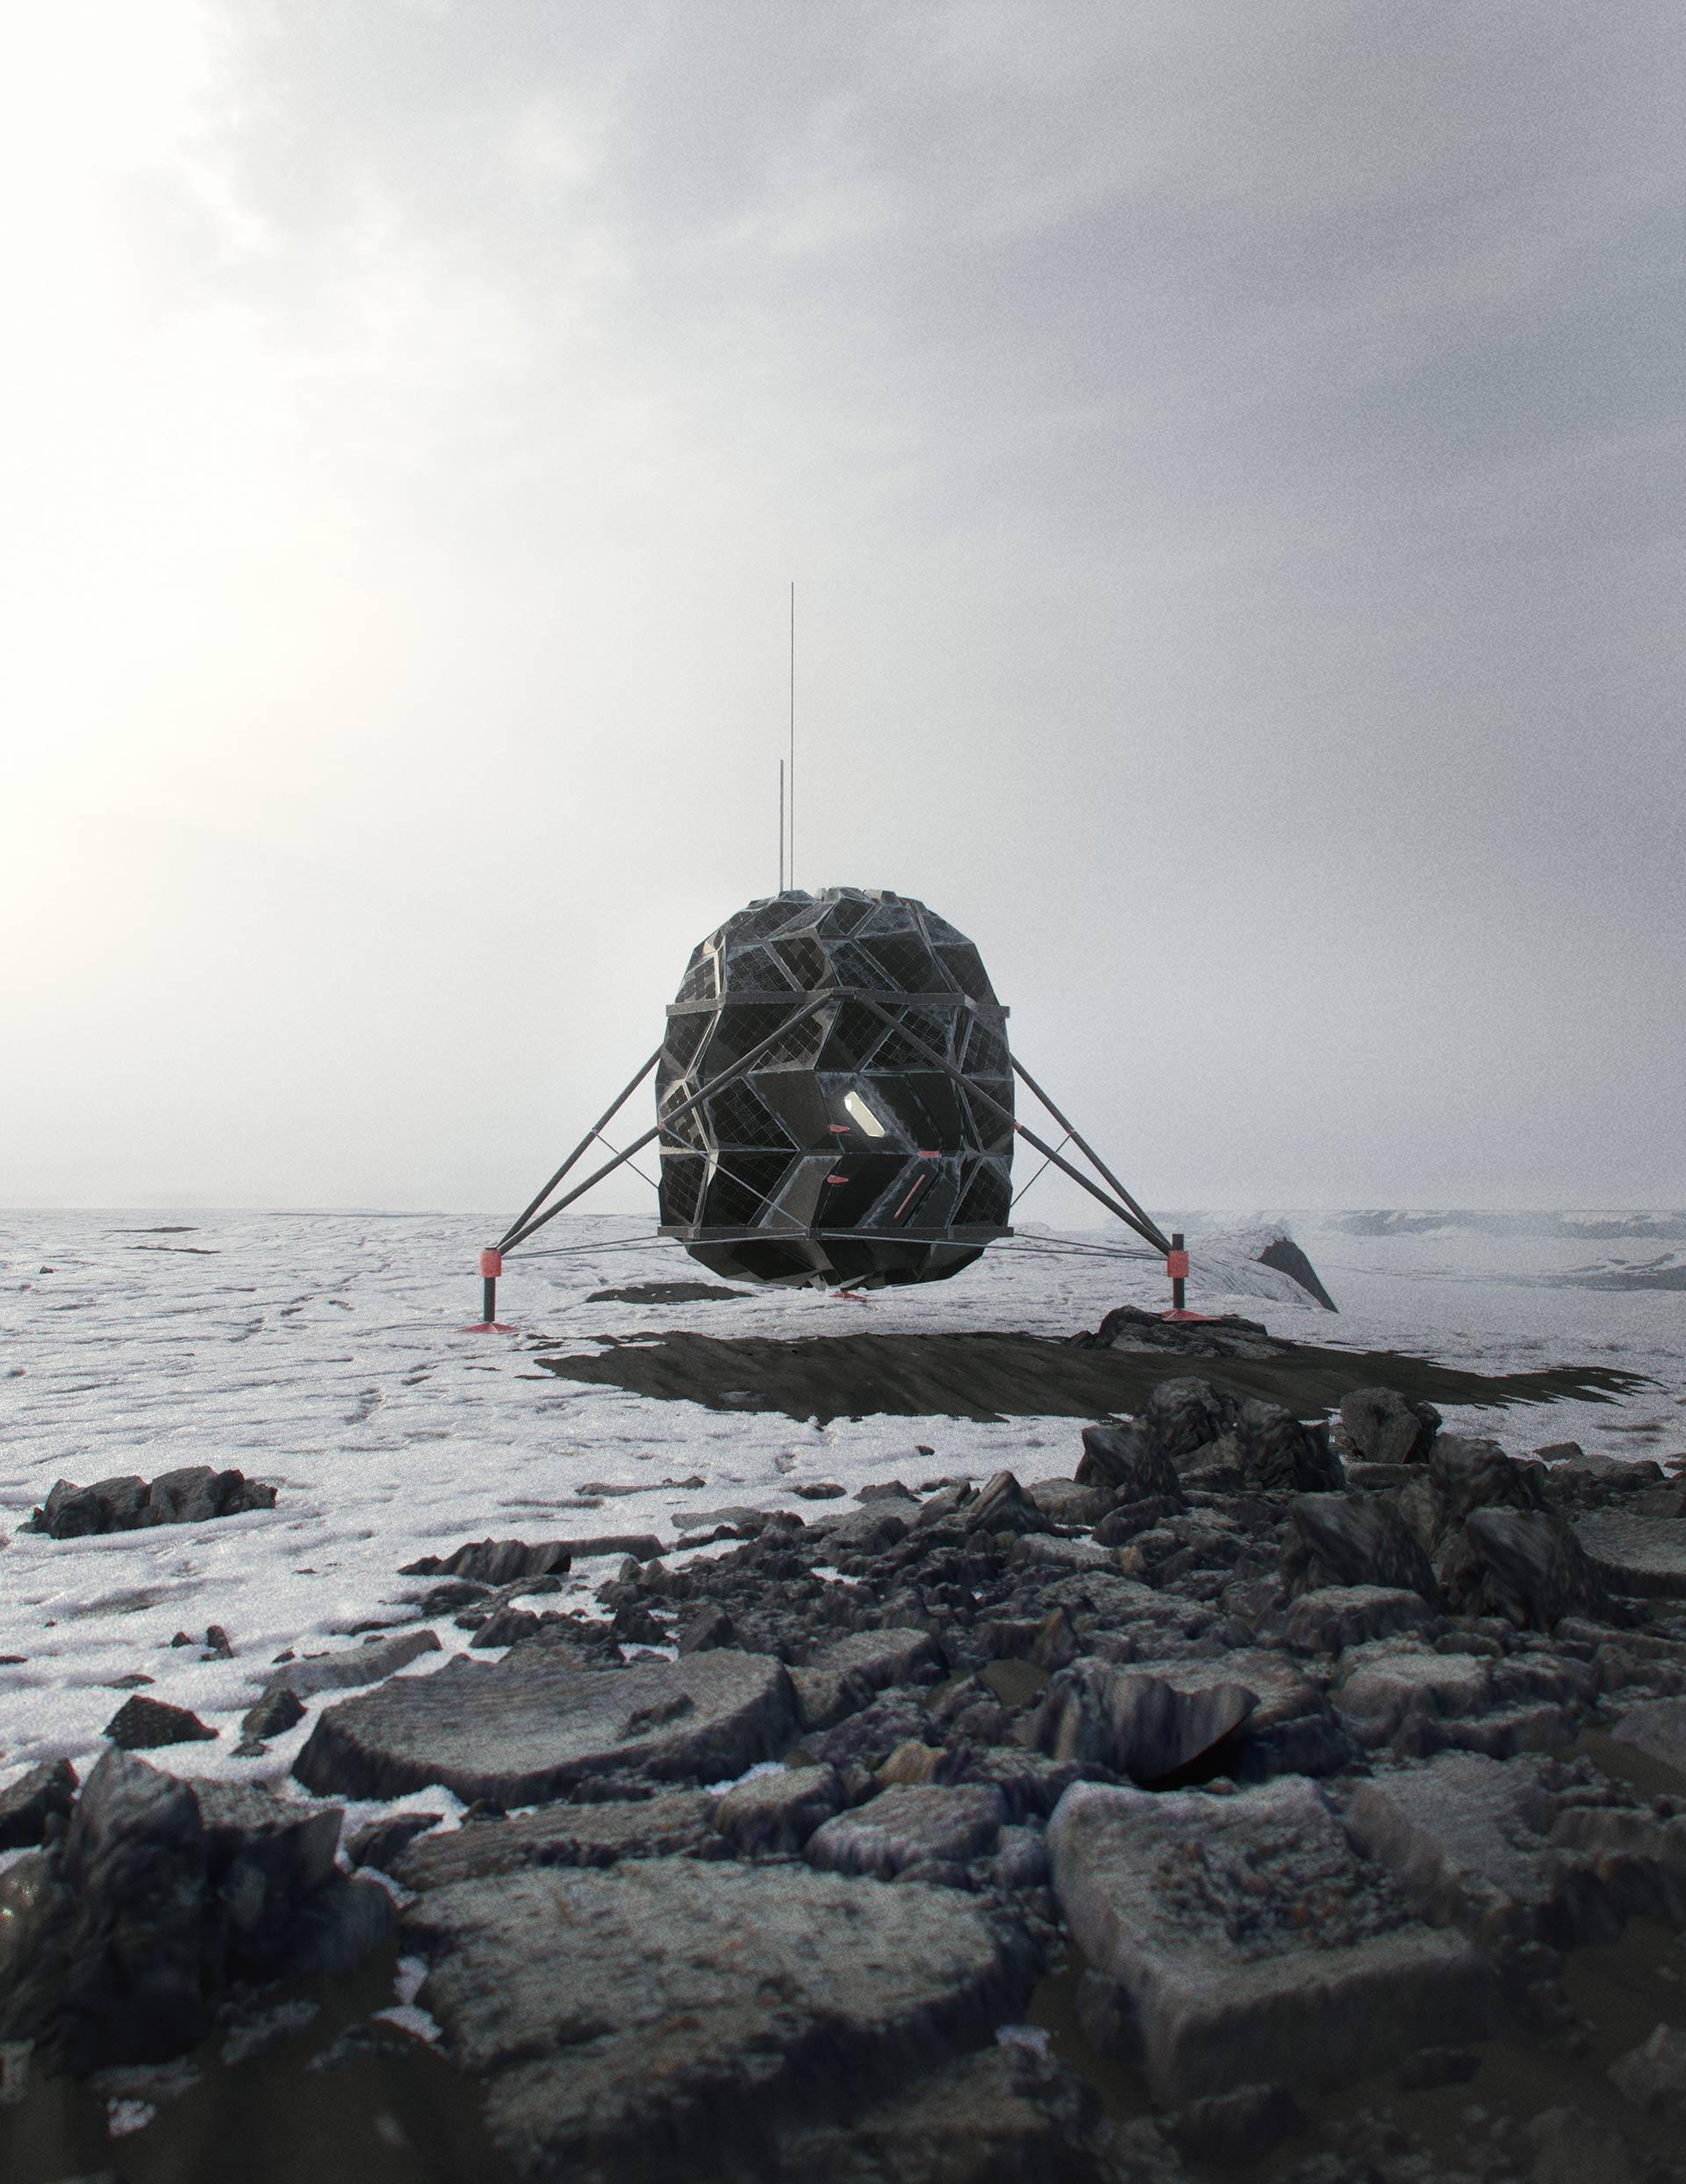 Il pod ermetico creato dalla SAGA Space Architects dove S.Aristotelis e K.J.Sørensen vivranno per 91 giorni